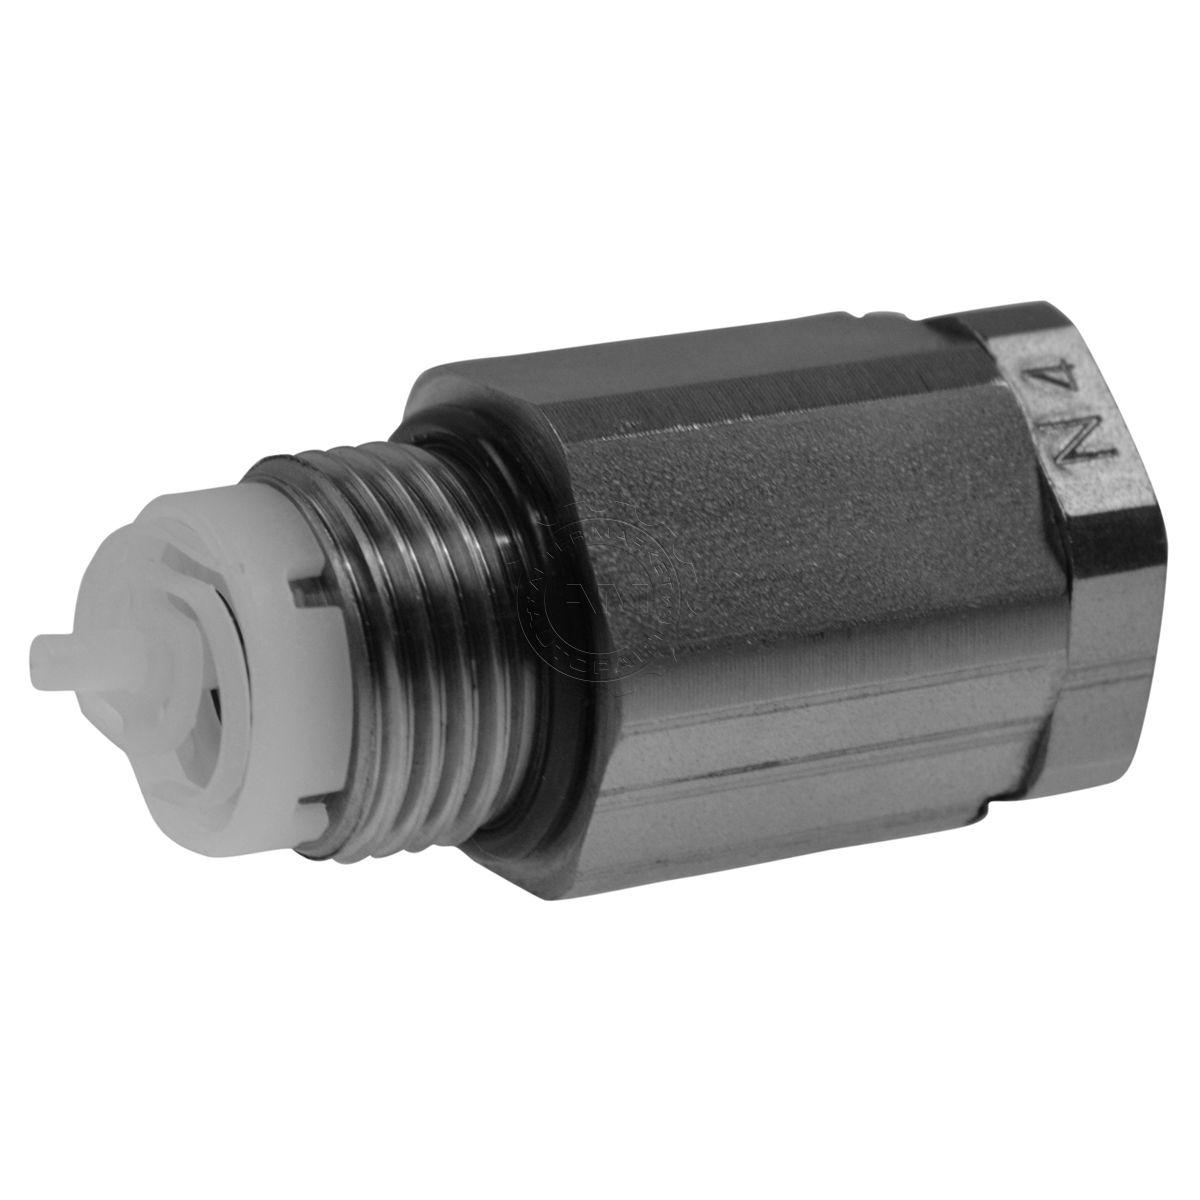 hight resolution of oem brake master cylinder proportioning pressure regulator valve for ford new